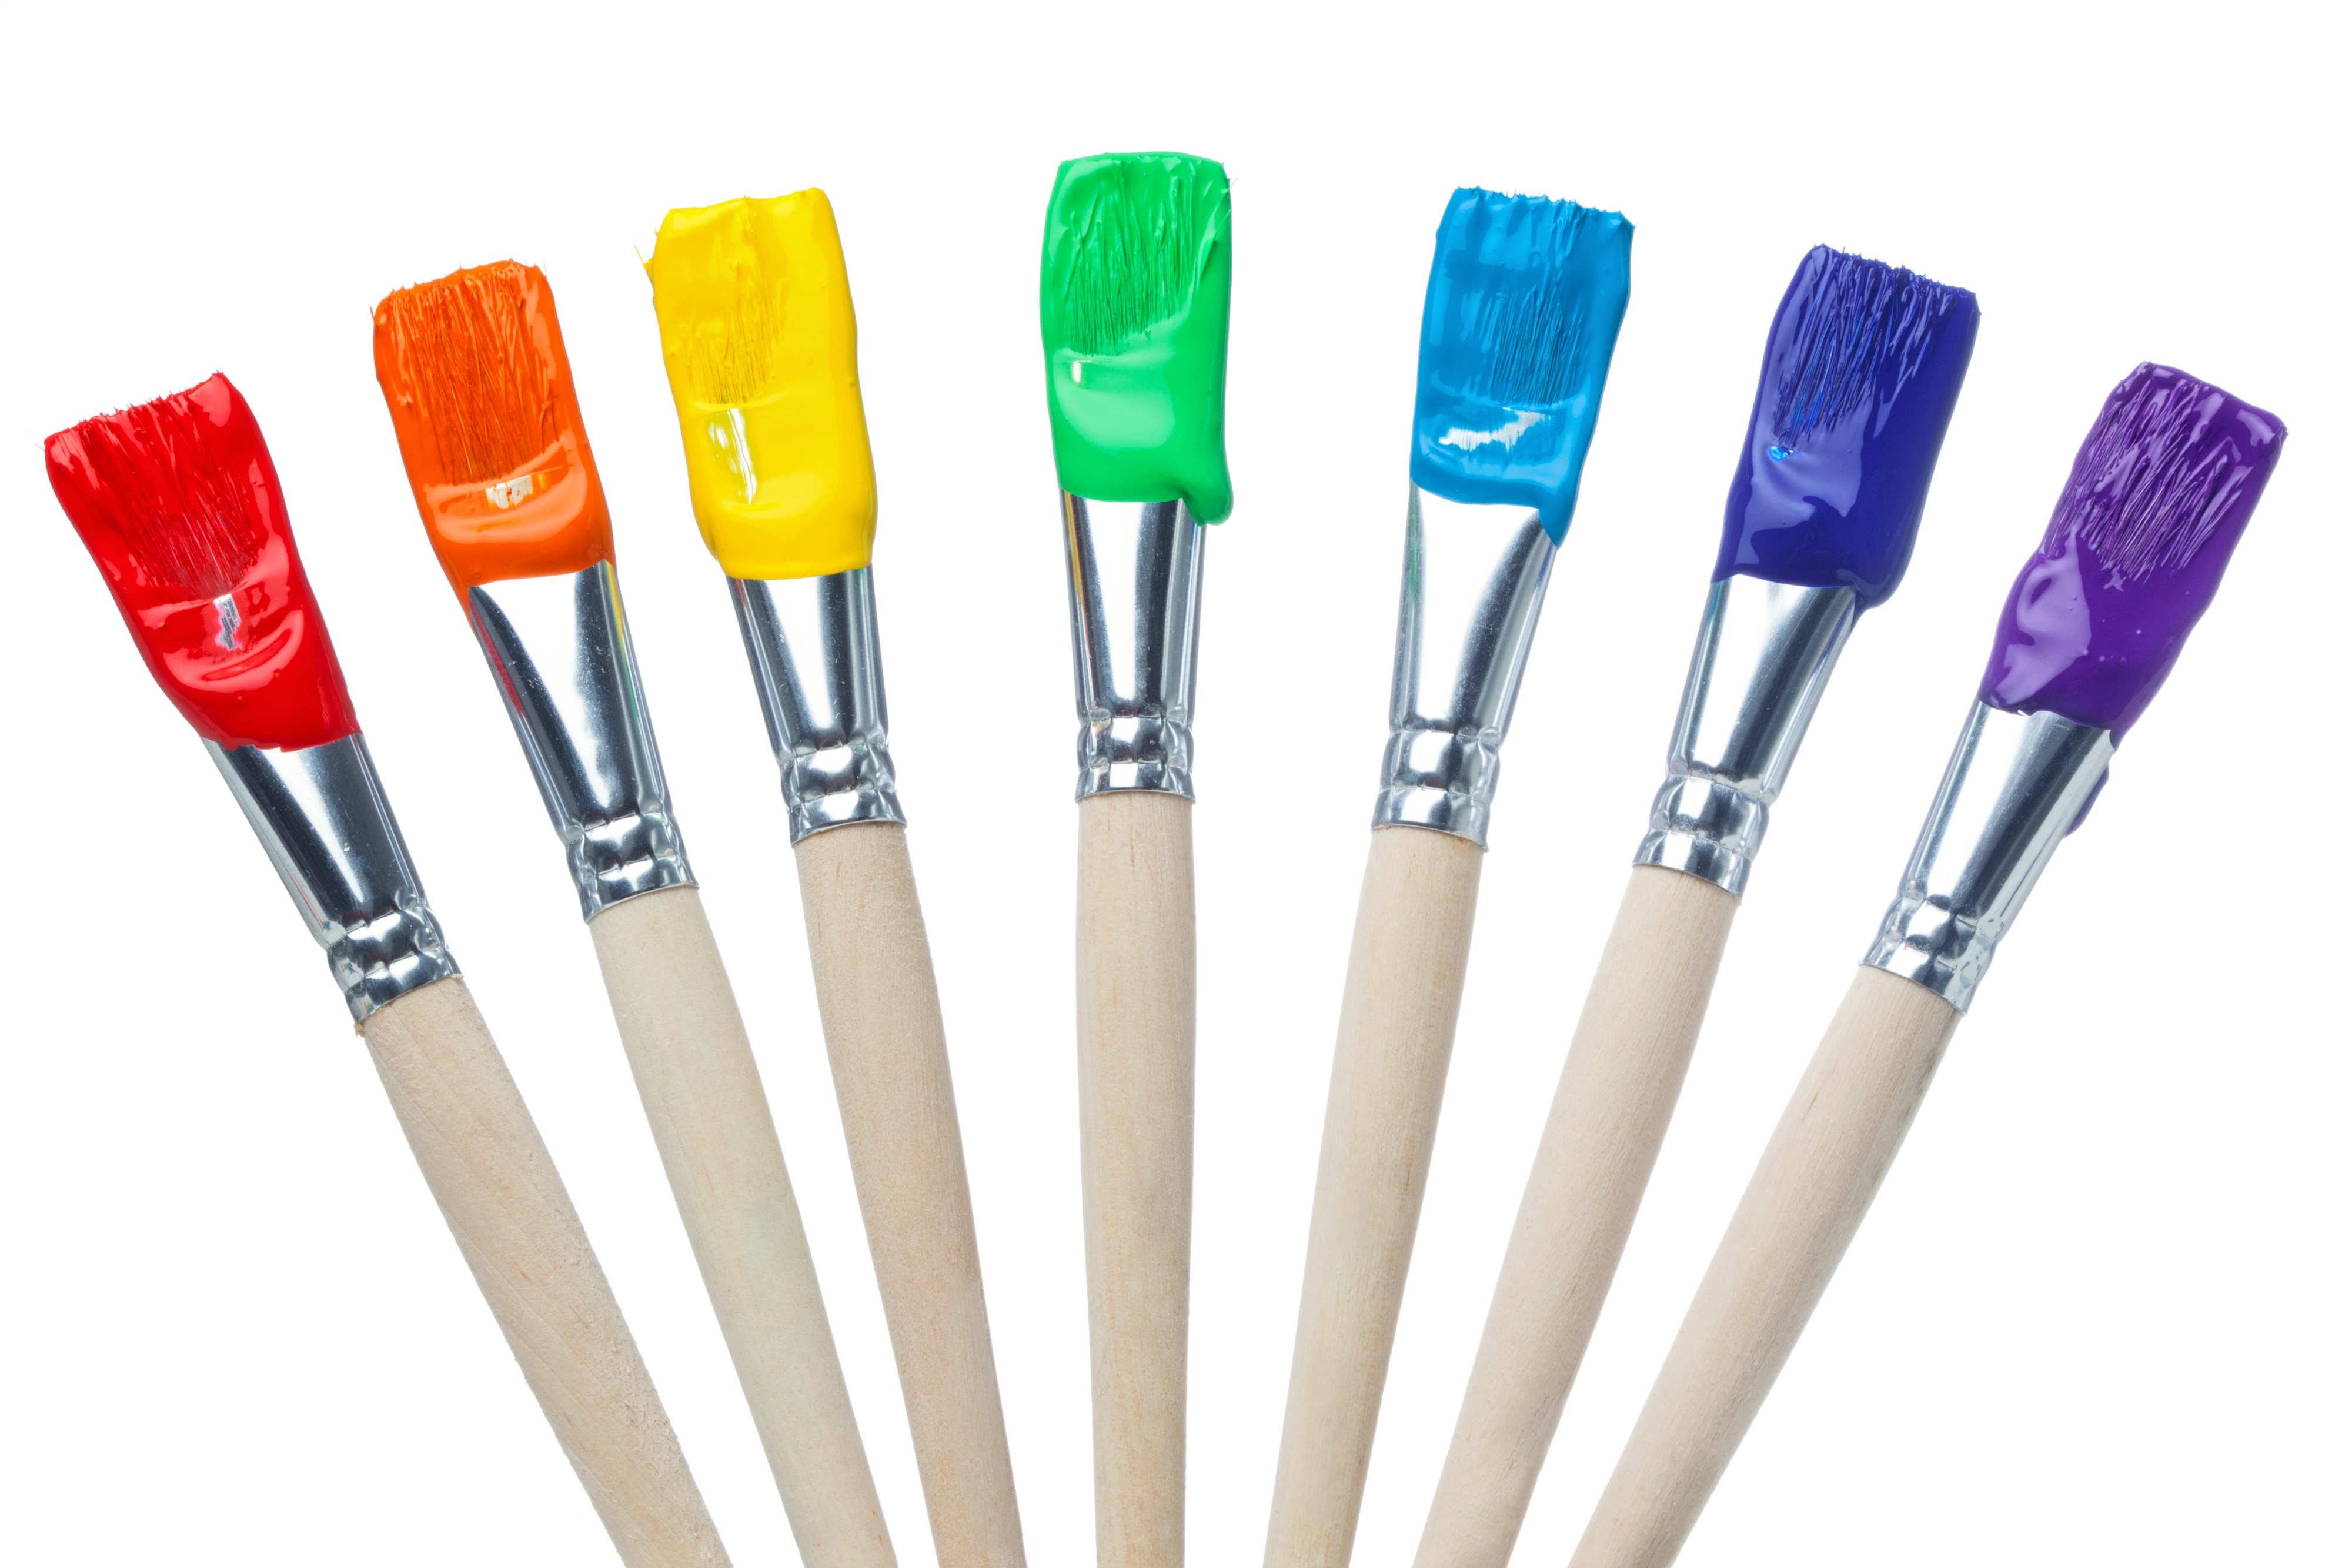 Migliore Pittura Per Interni pittura naturale fai da te - non sprecare